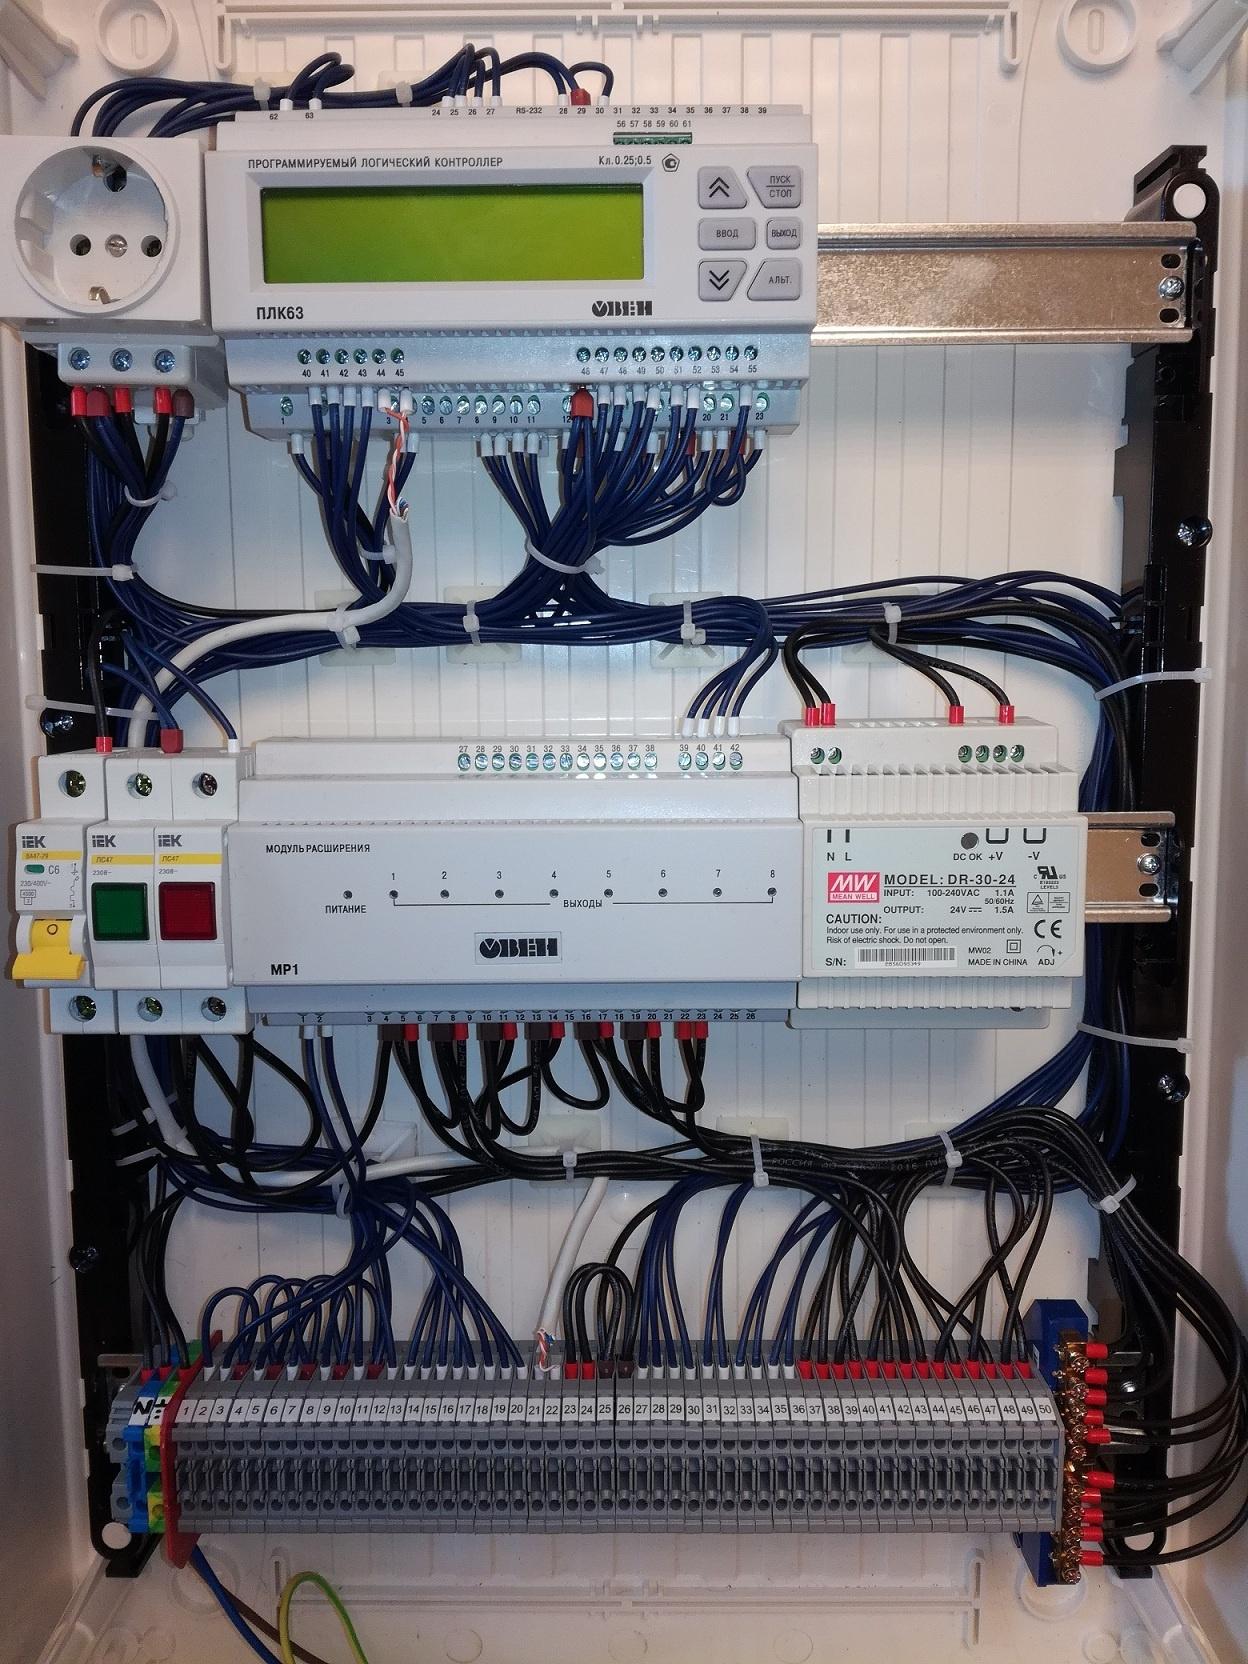 ПЛК от производителей Овен, Segnetics и Schneider Electric для HVAC - 2